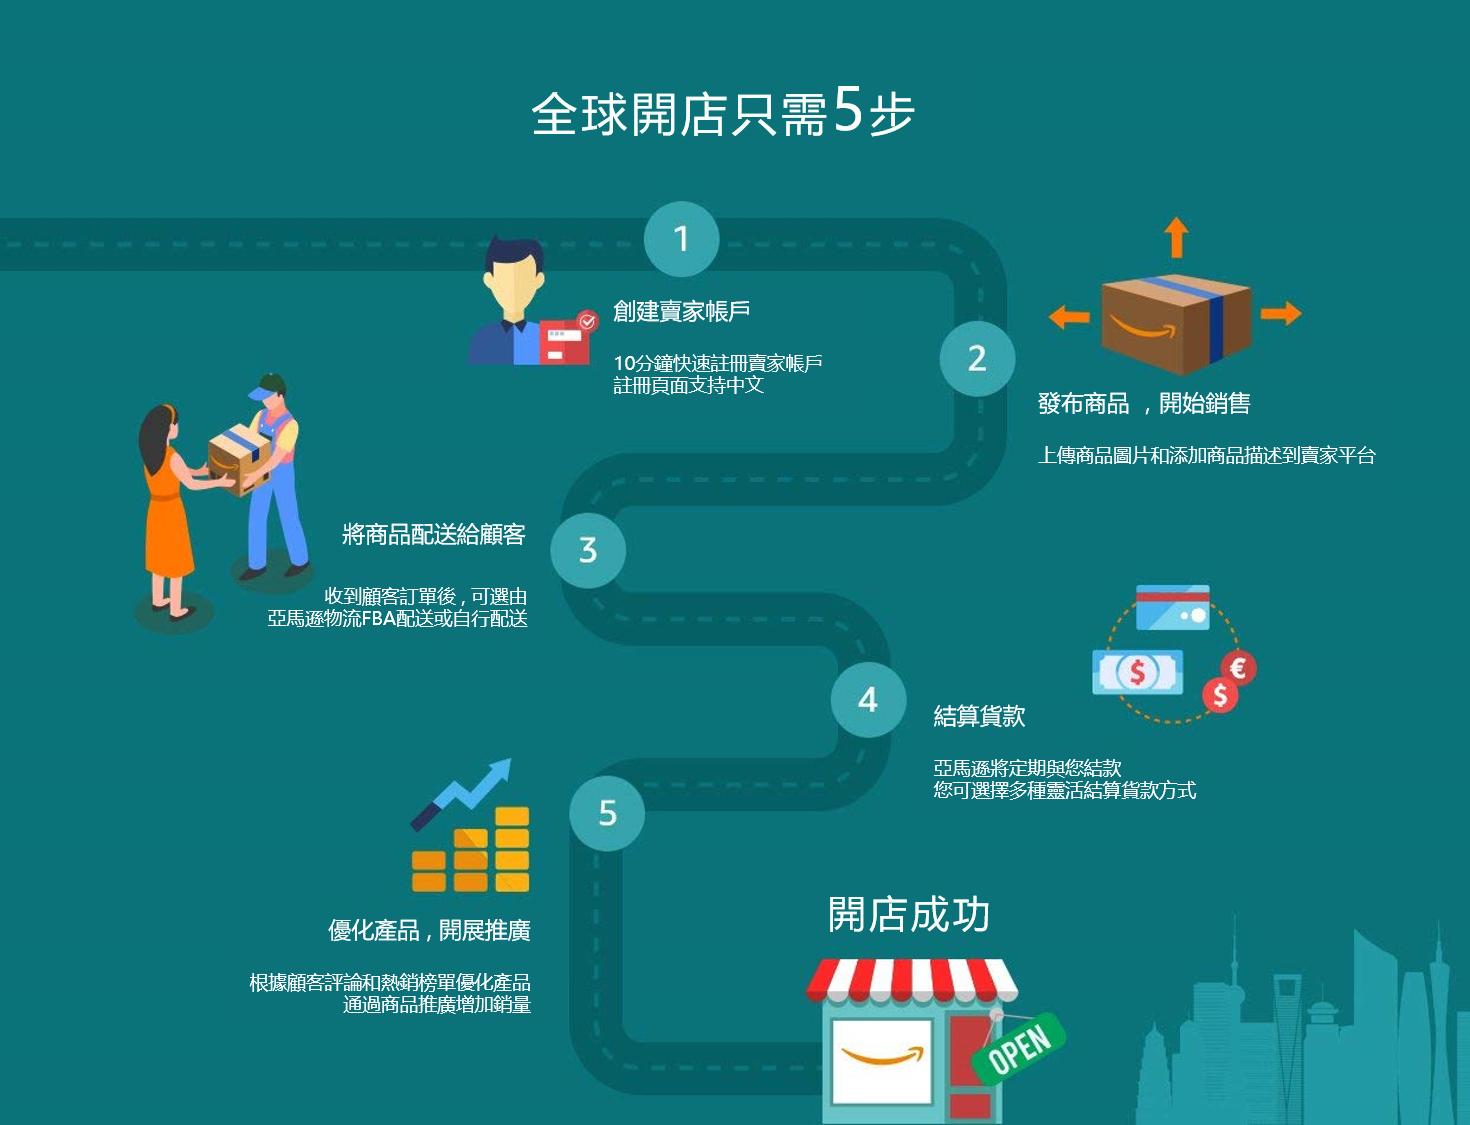 亞馬遜 全球開店 台灣 在亞馬遜 販售 賣東西